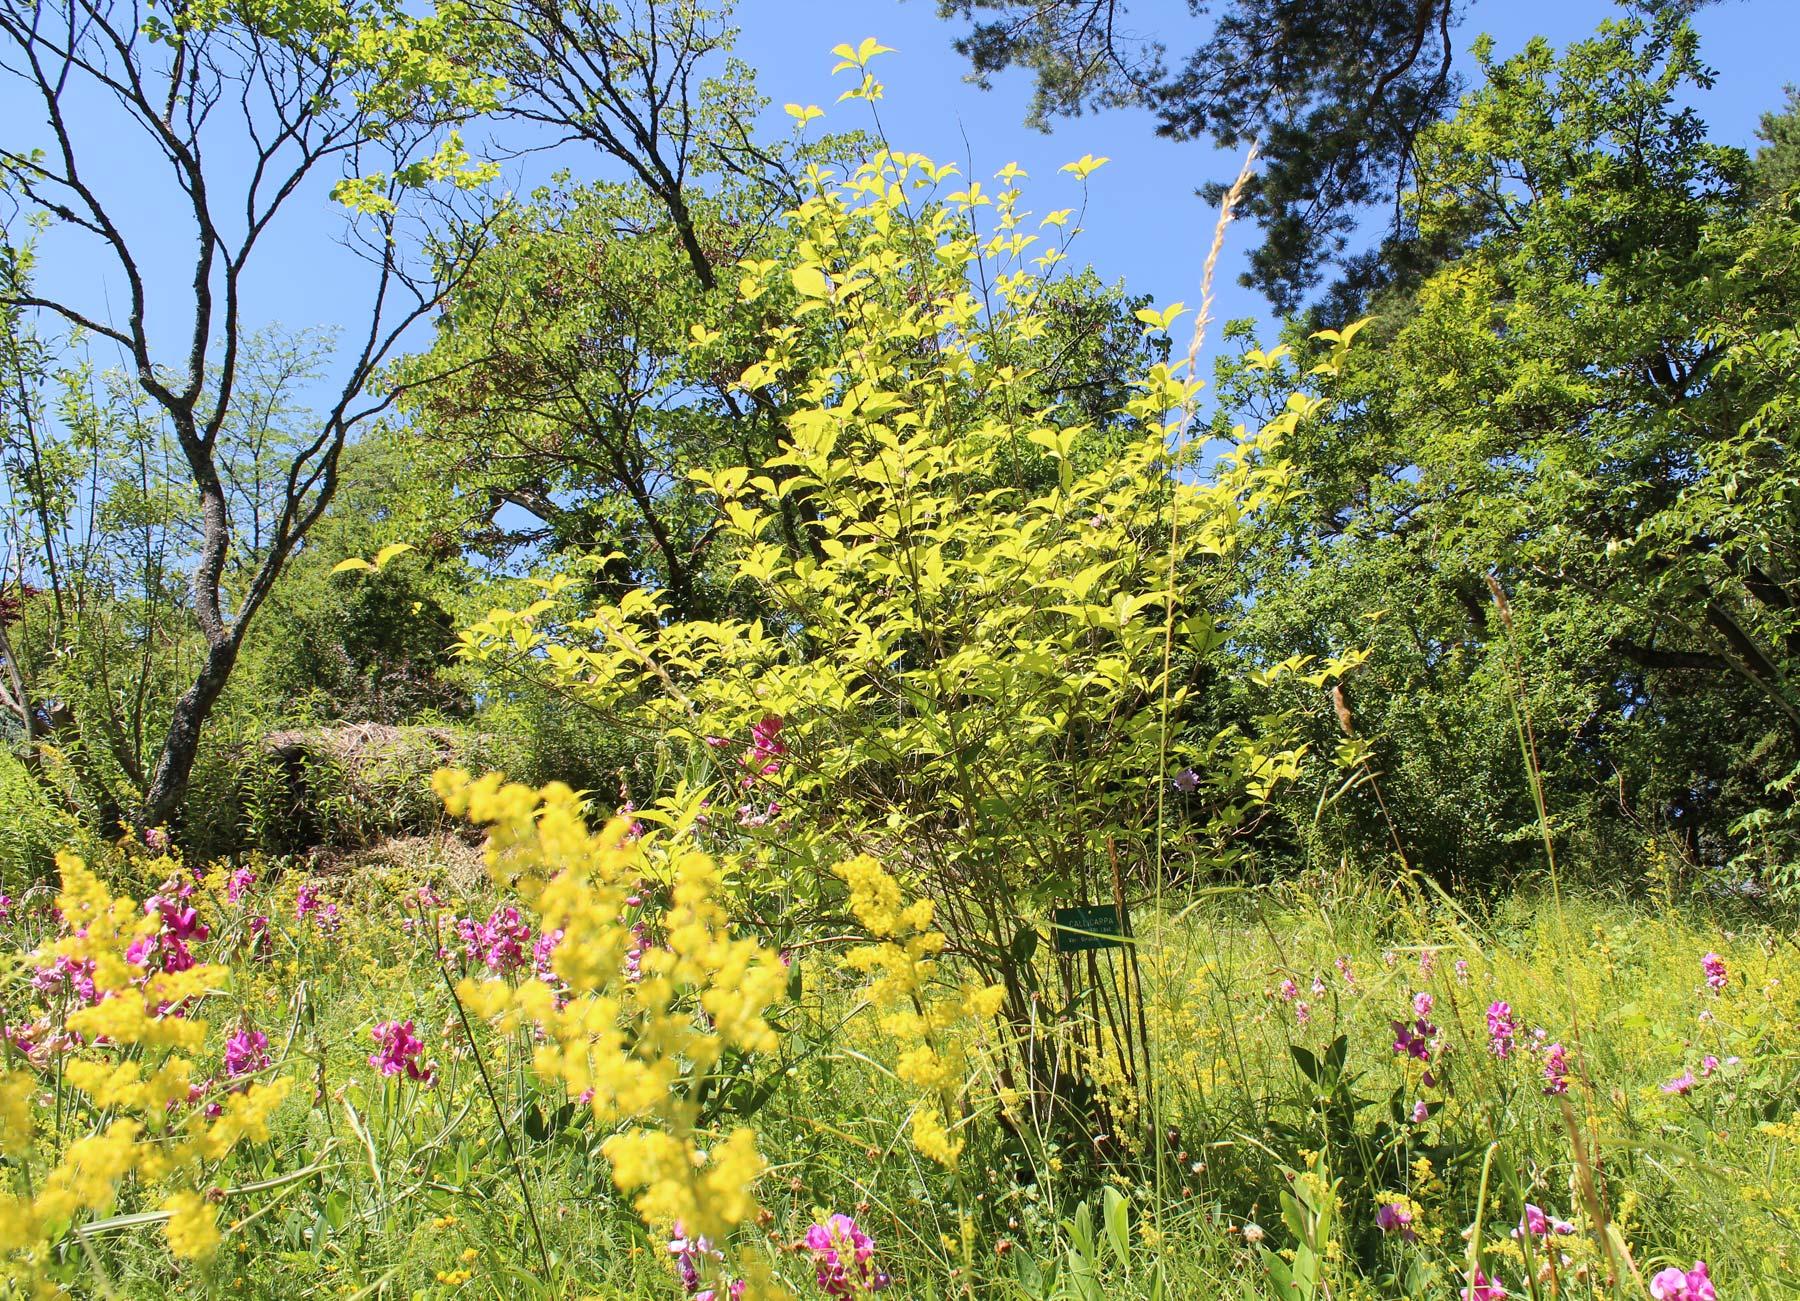 Office de tourisme du pays de saverne jardin botanique - Jardin botanique de saverne ...